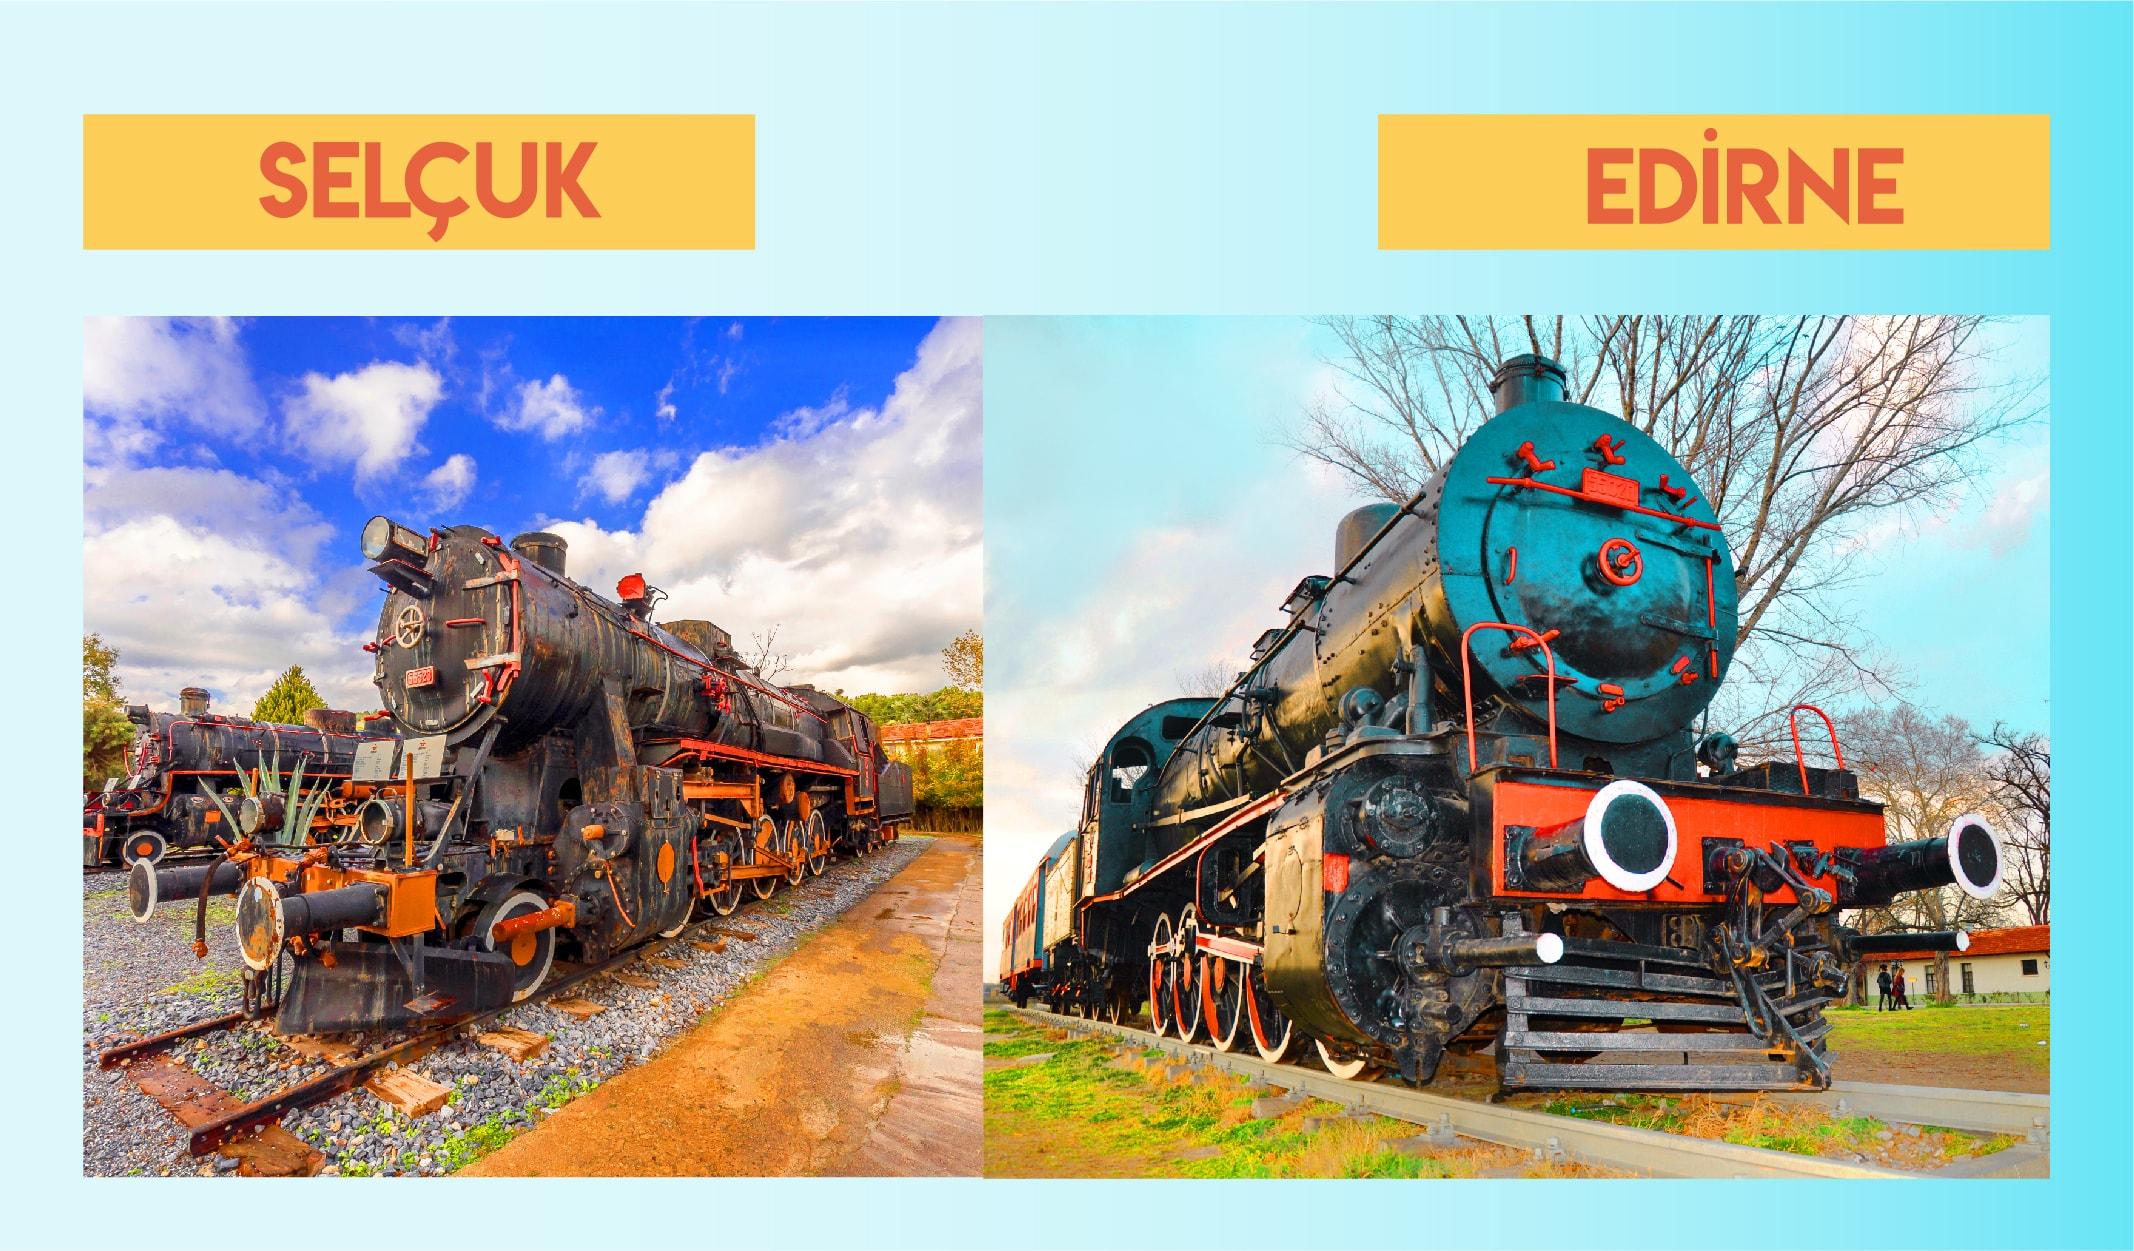 tren garı